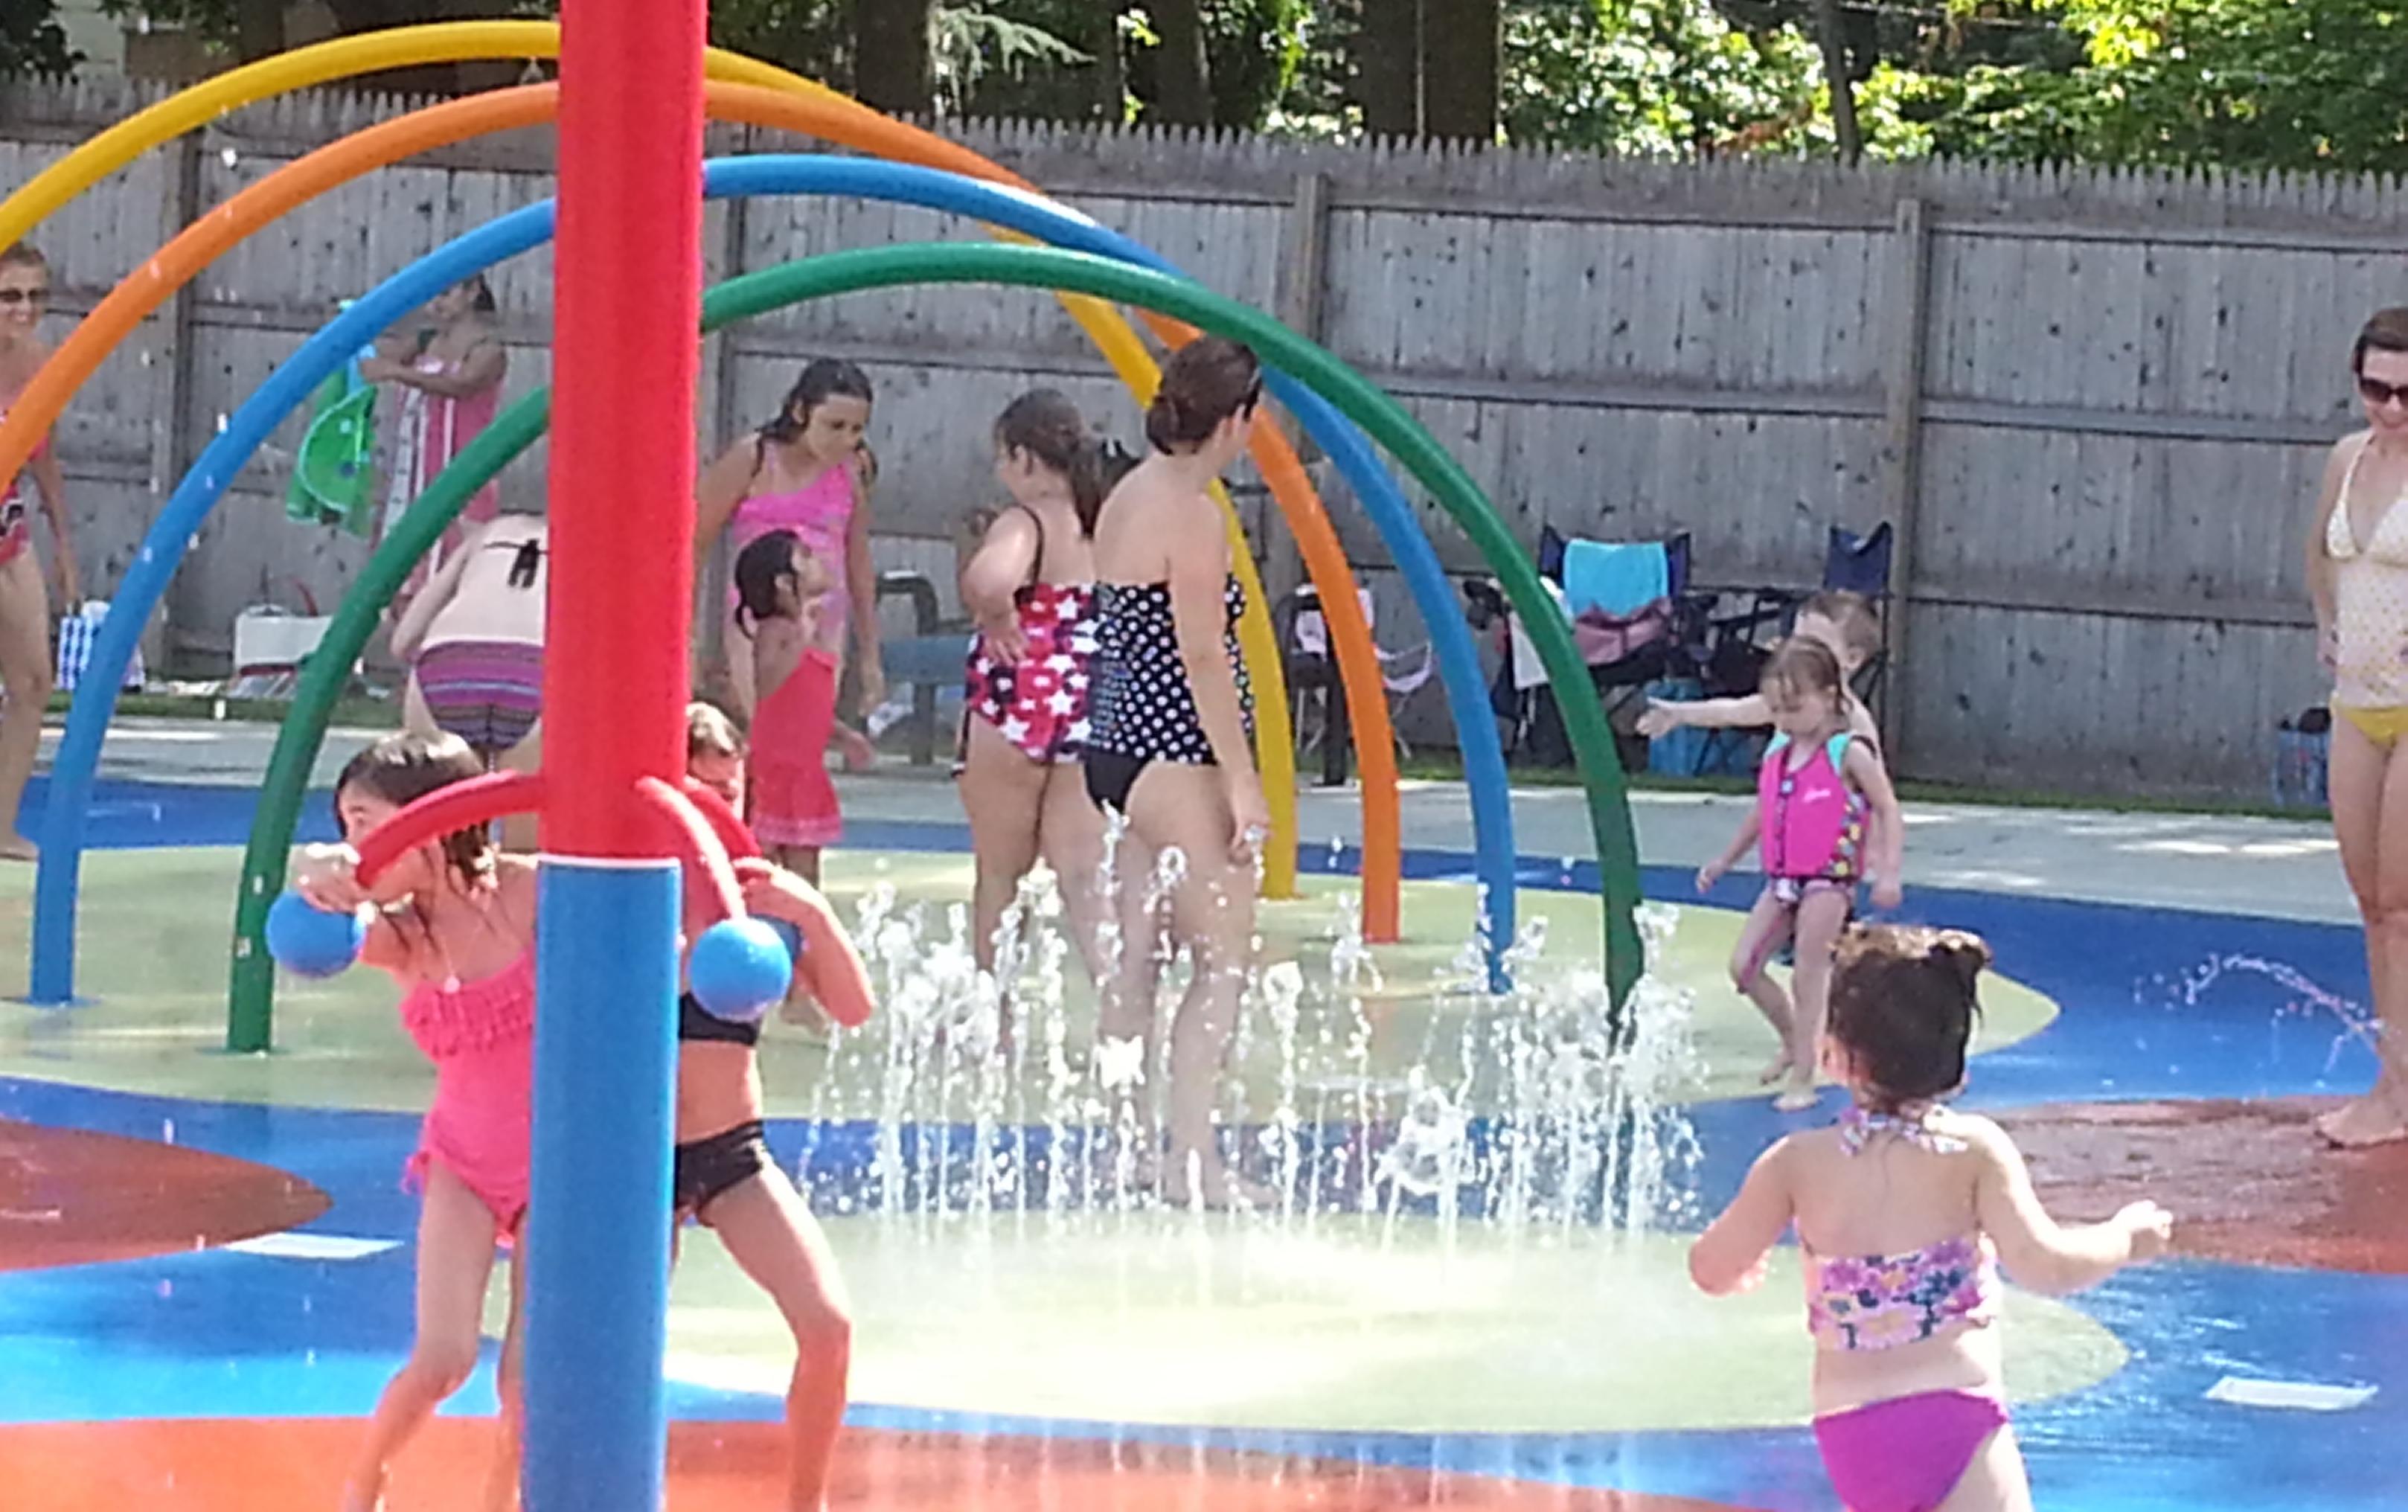 472427b0b9d579677a22_Memorial_Pool_1.jpg